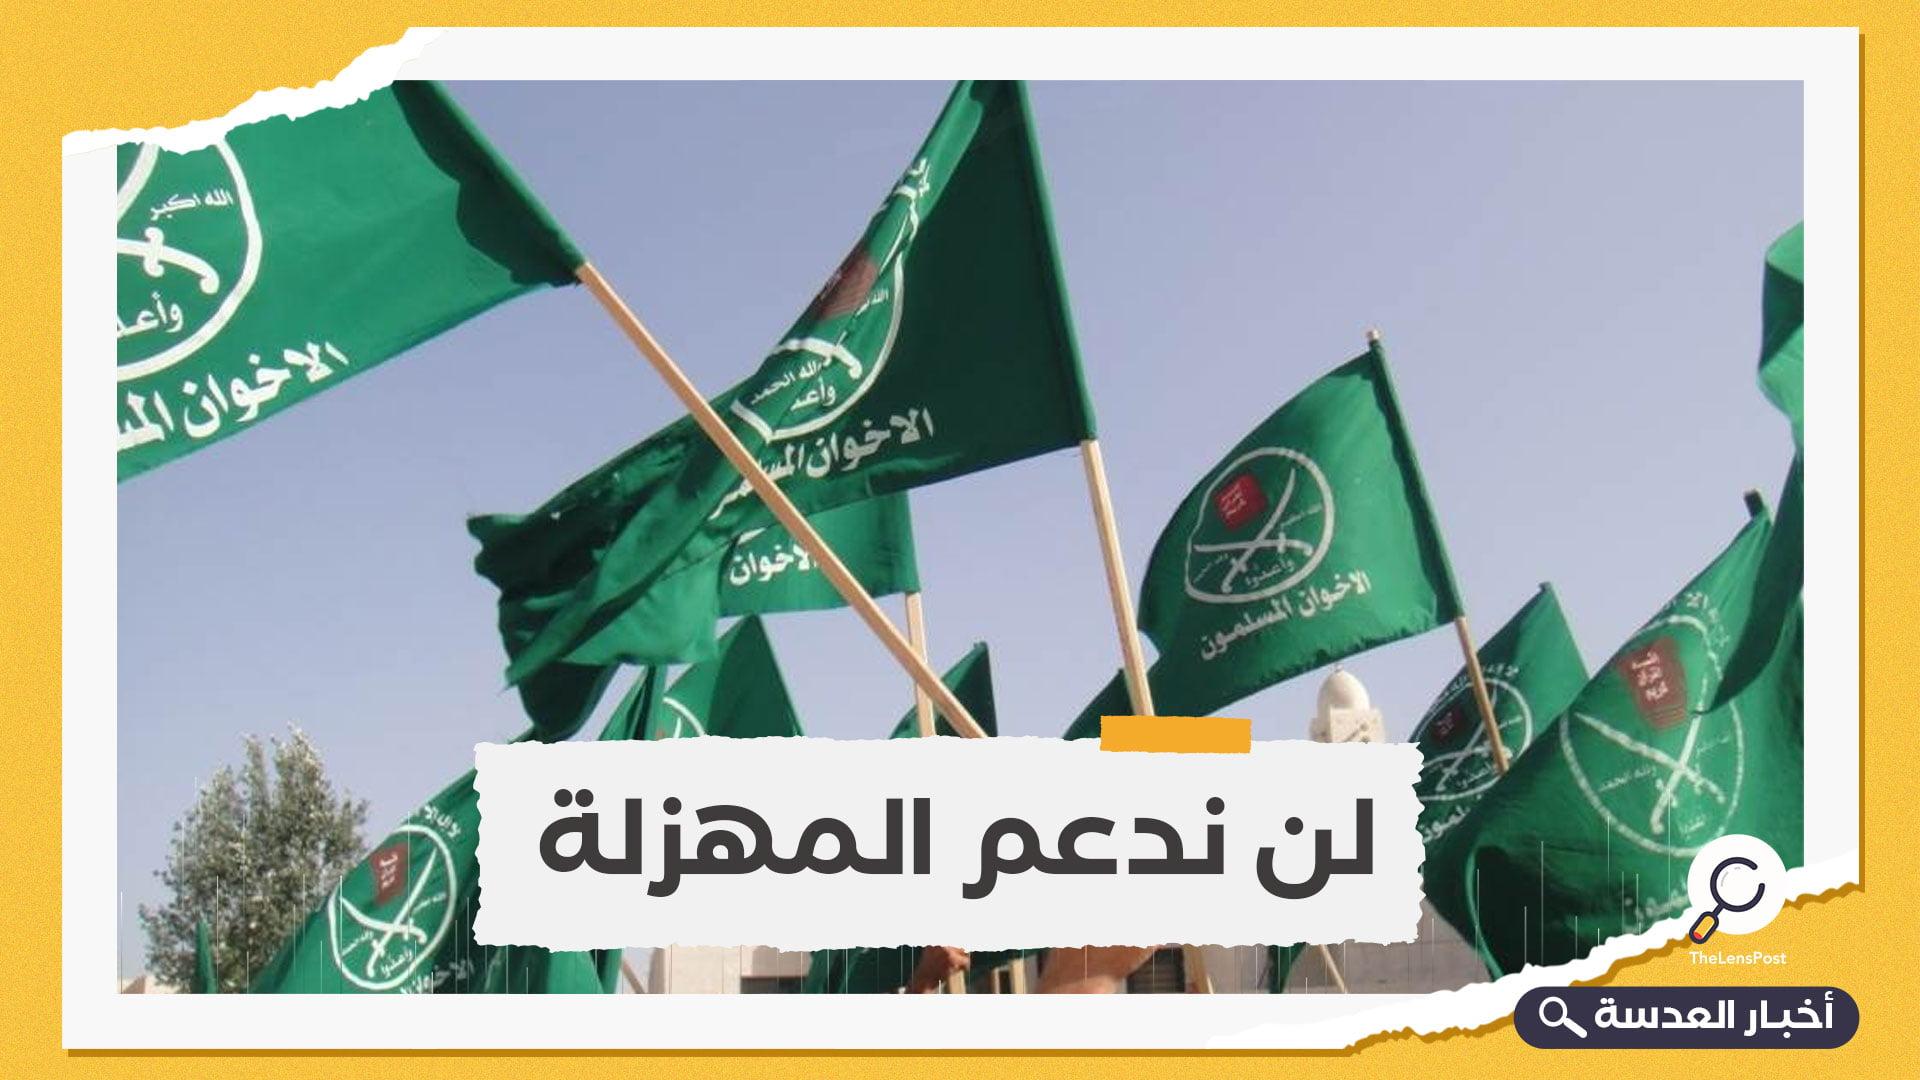 الإخوان تتبرأ من المطبعين مع الاحتلال وتعبر عن صدمتها من موقف المغرب